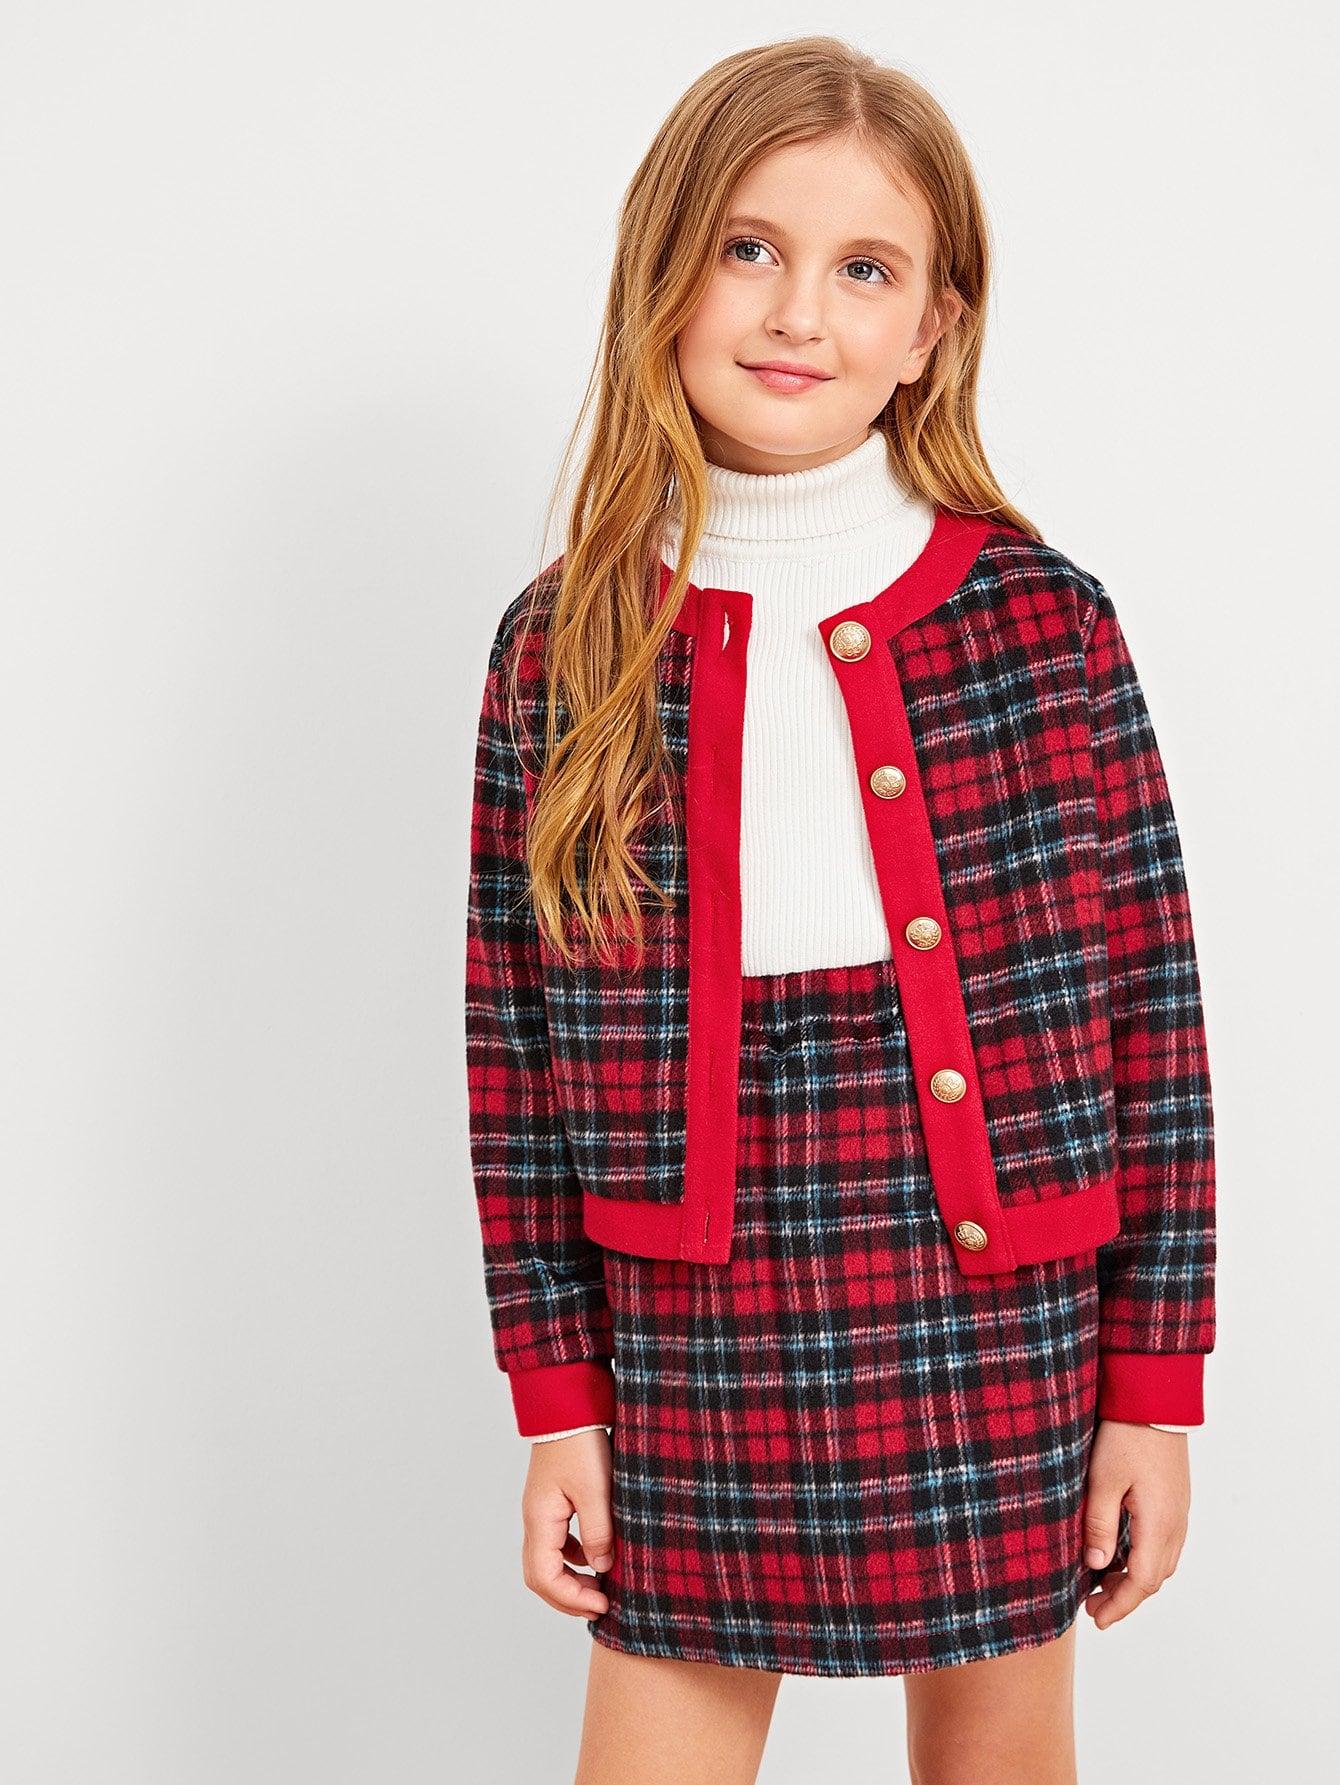 Купить Для девочек комплект юбка и топ в клетку на пуговицах, Dariab, SheIn